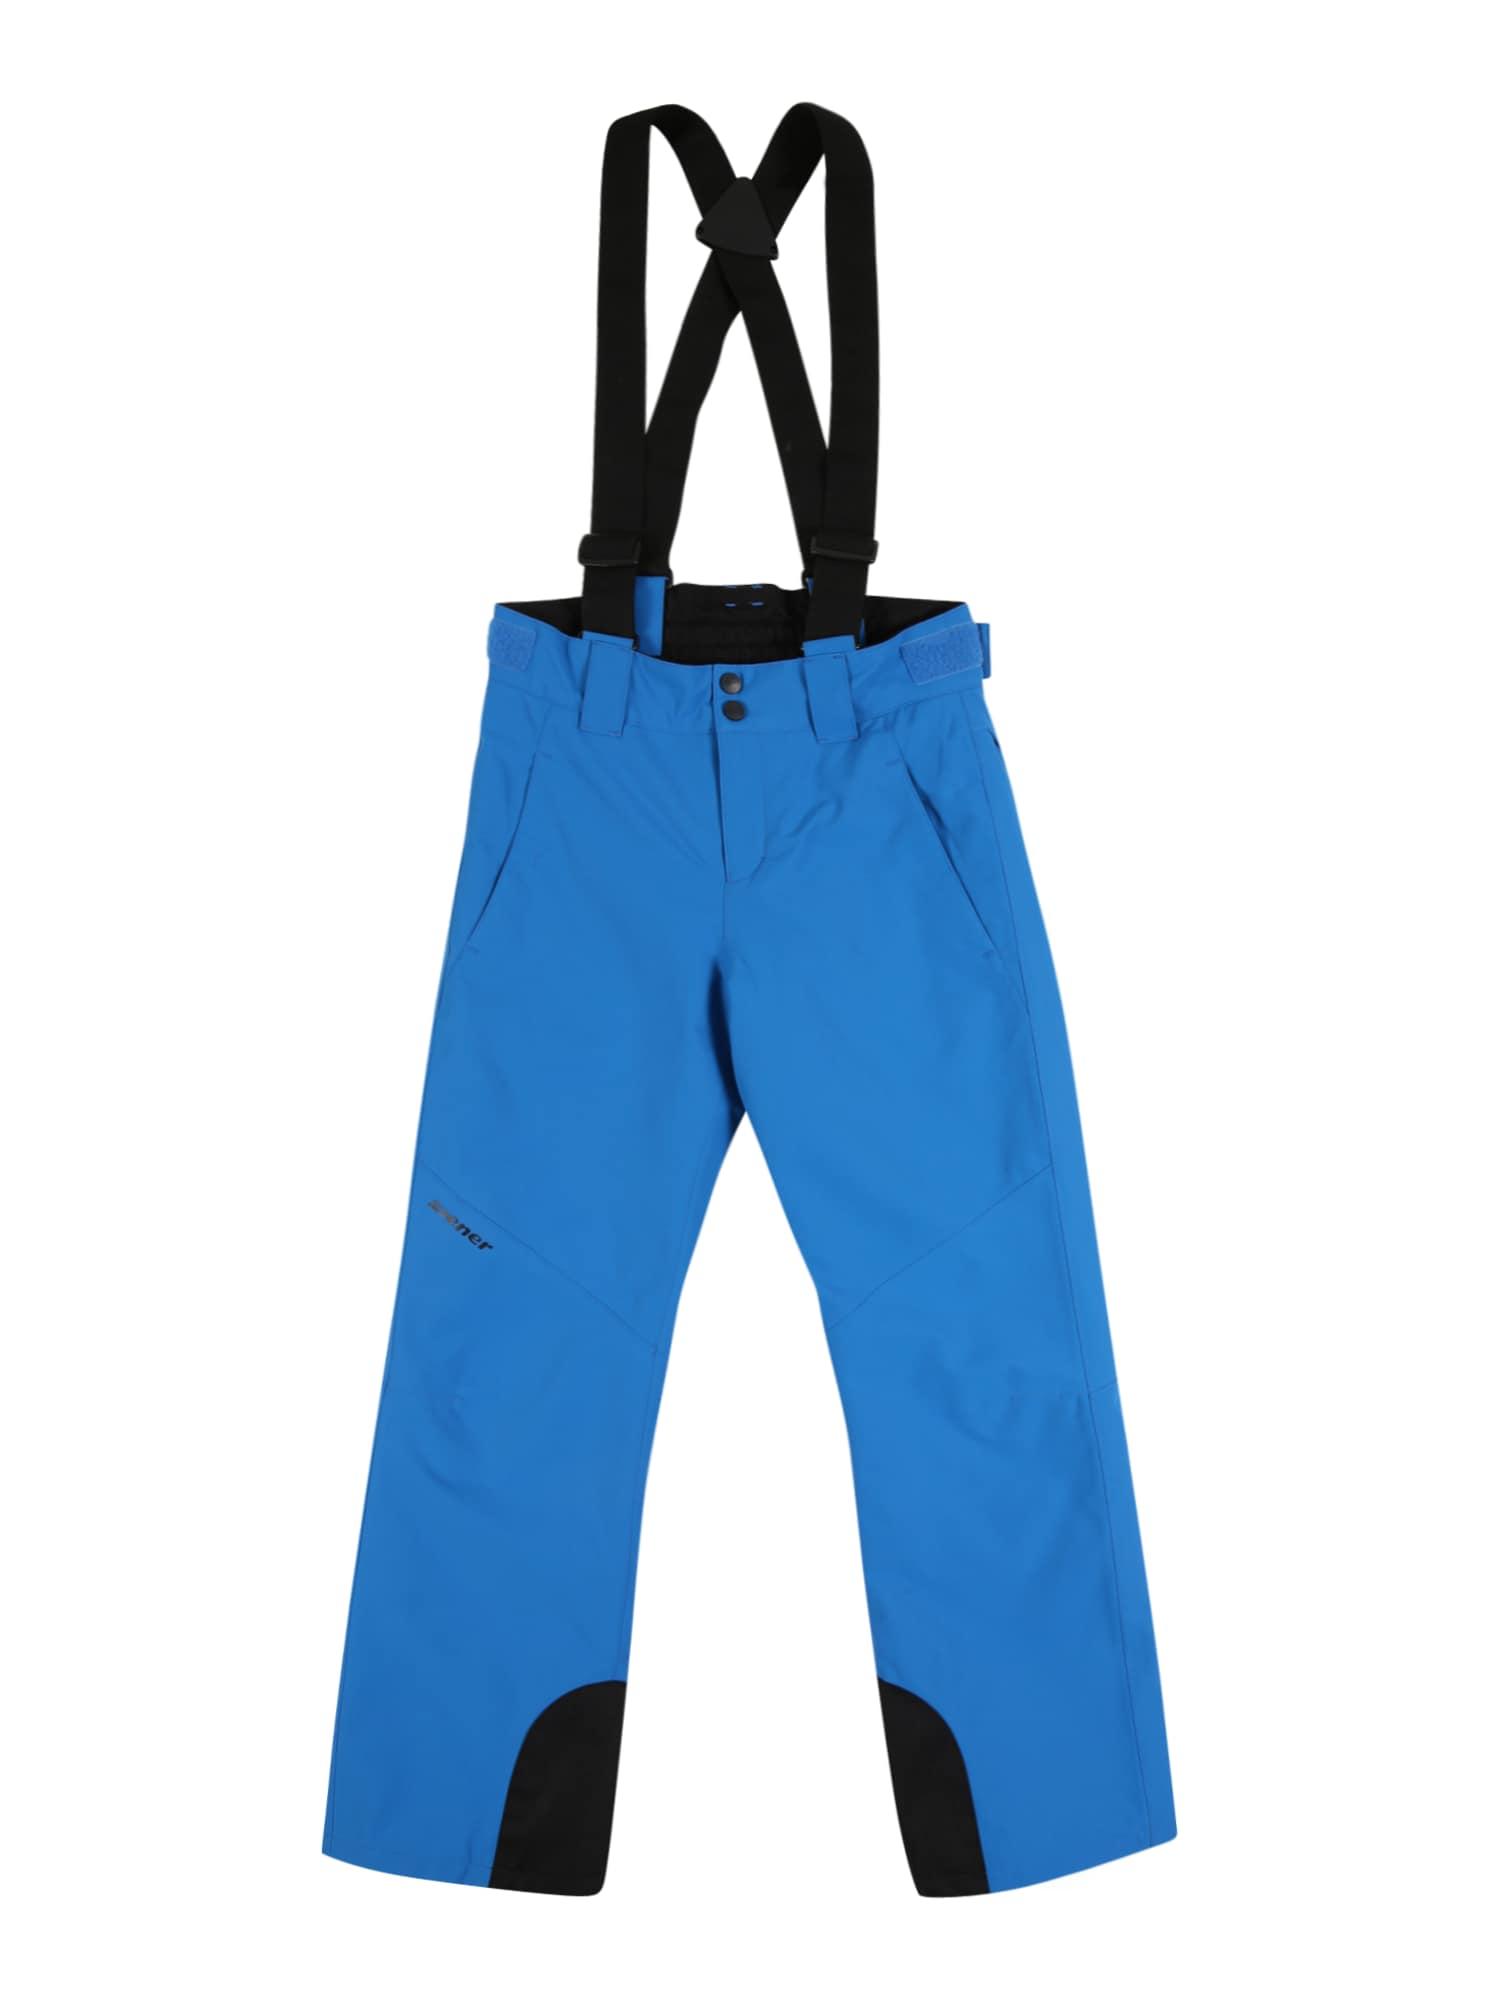 ZIENER Outodoor kalhoty 'Arisu'  nebeská modř / černá